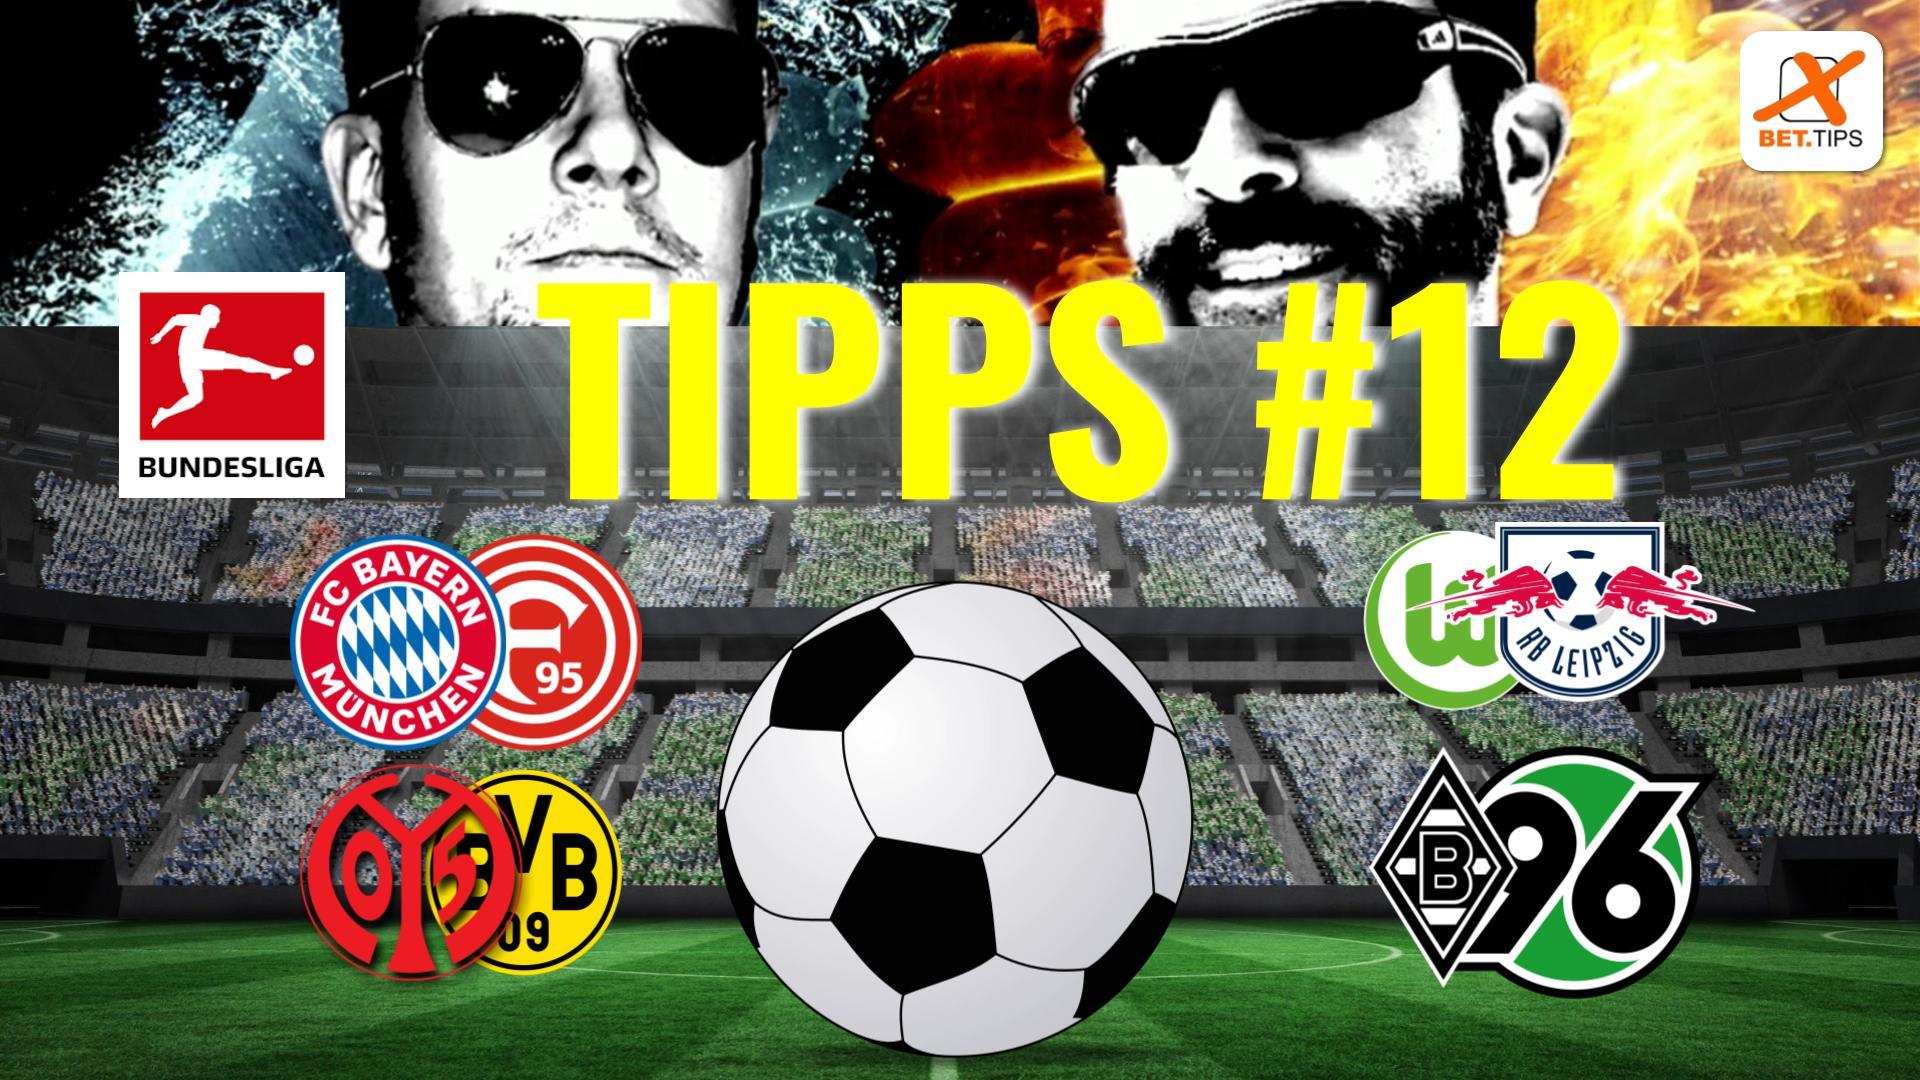 BUNDESLIGA VORHERSAGE #12 – Tipps und Prognosen zum 12. Spieltag